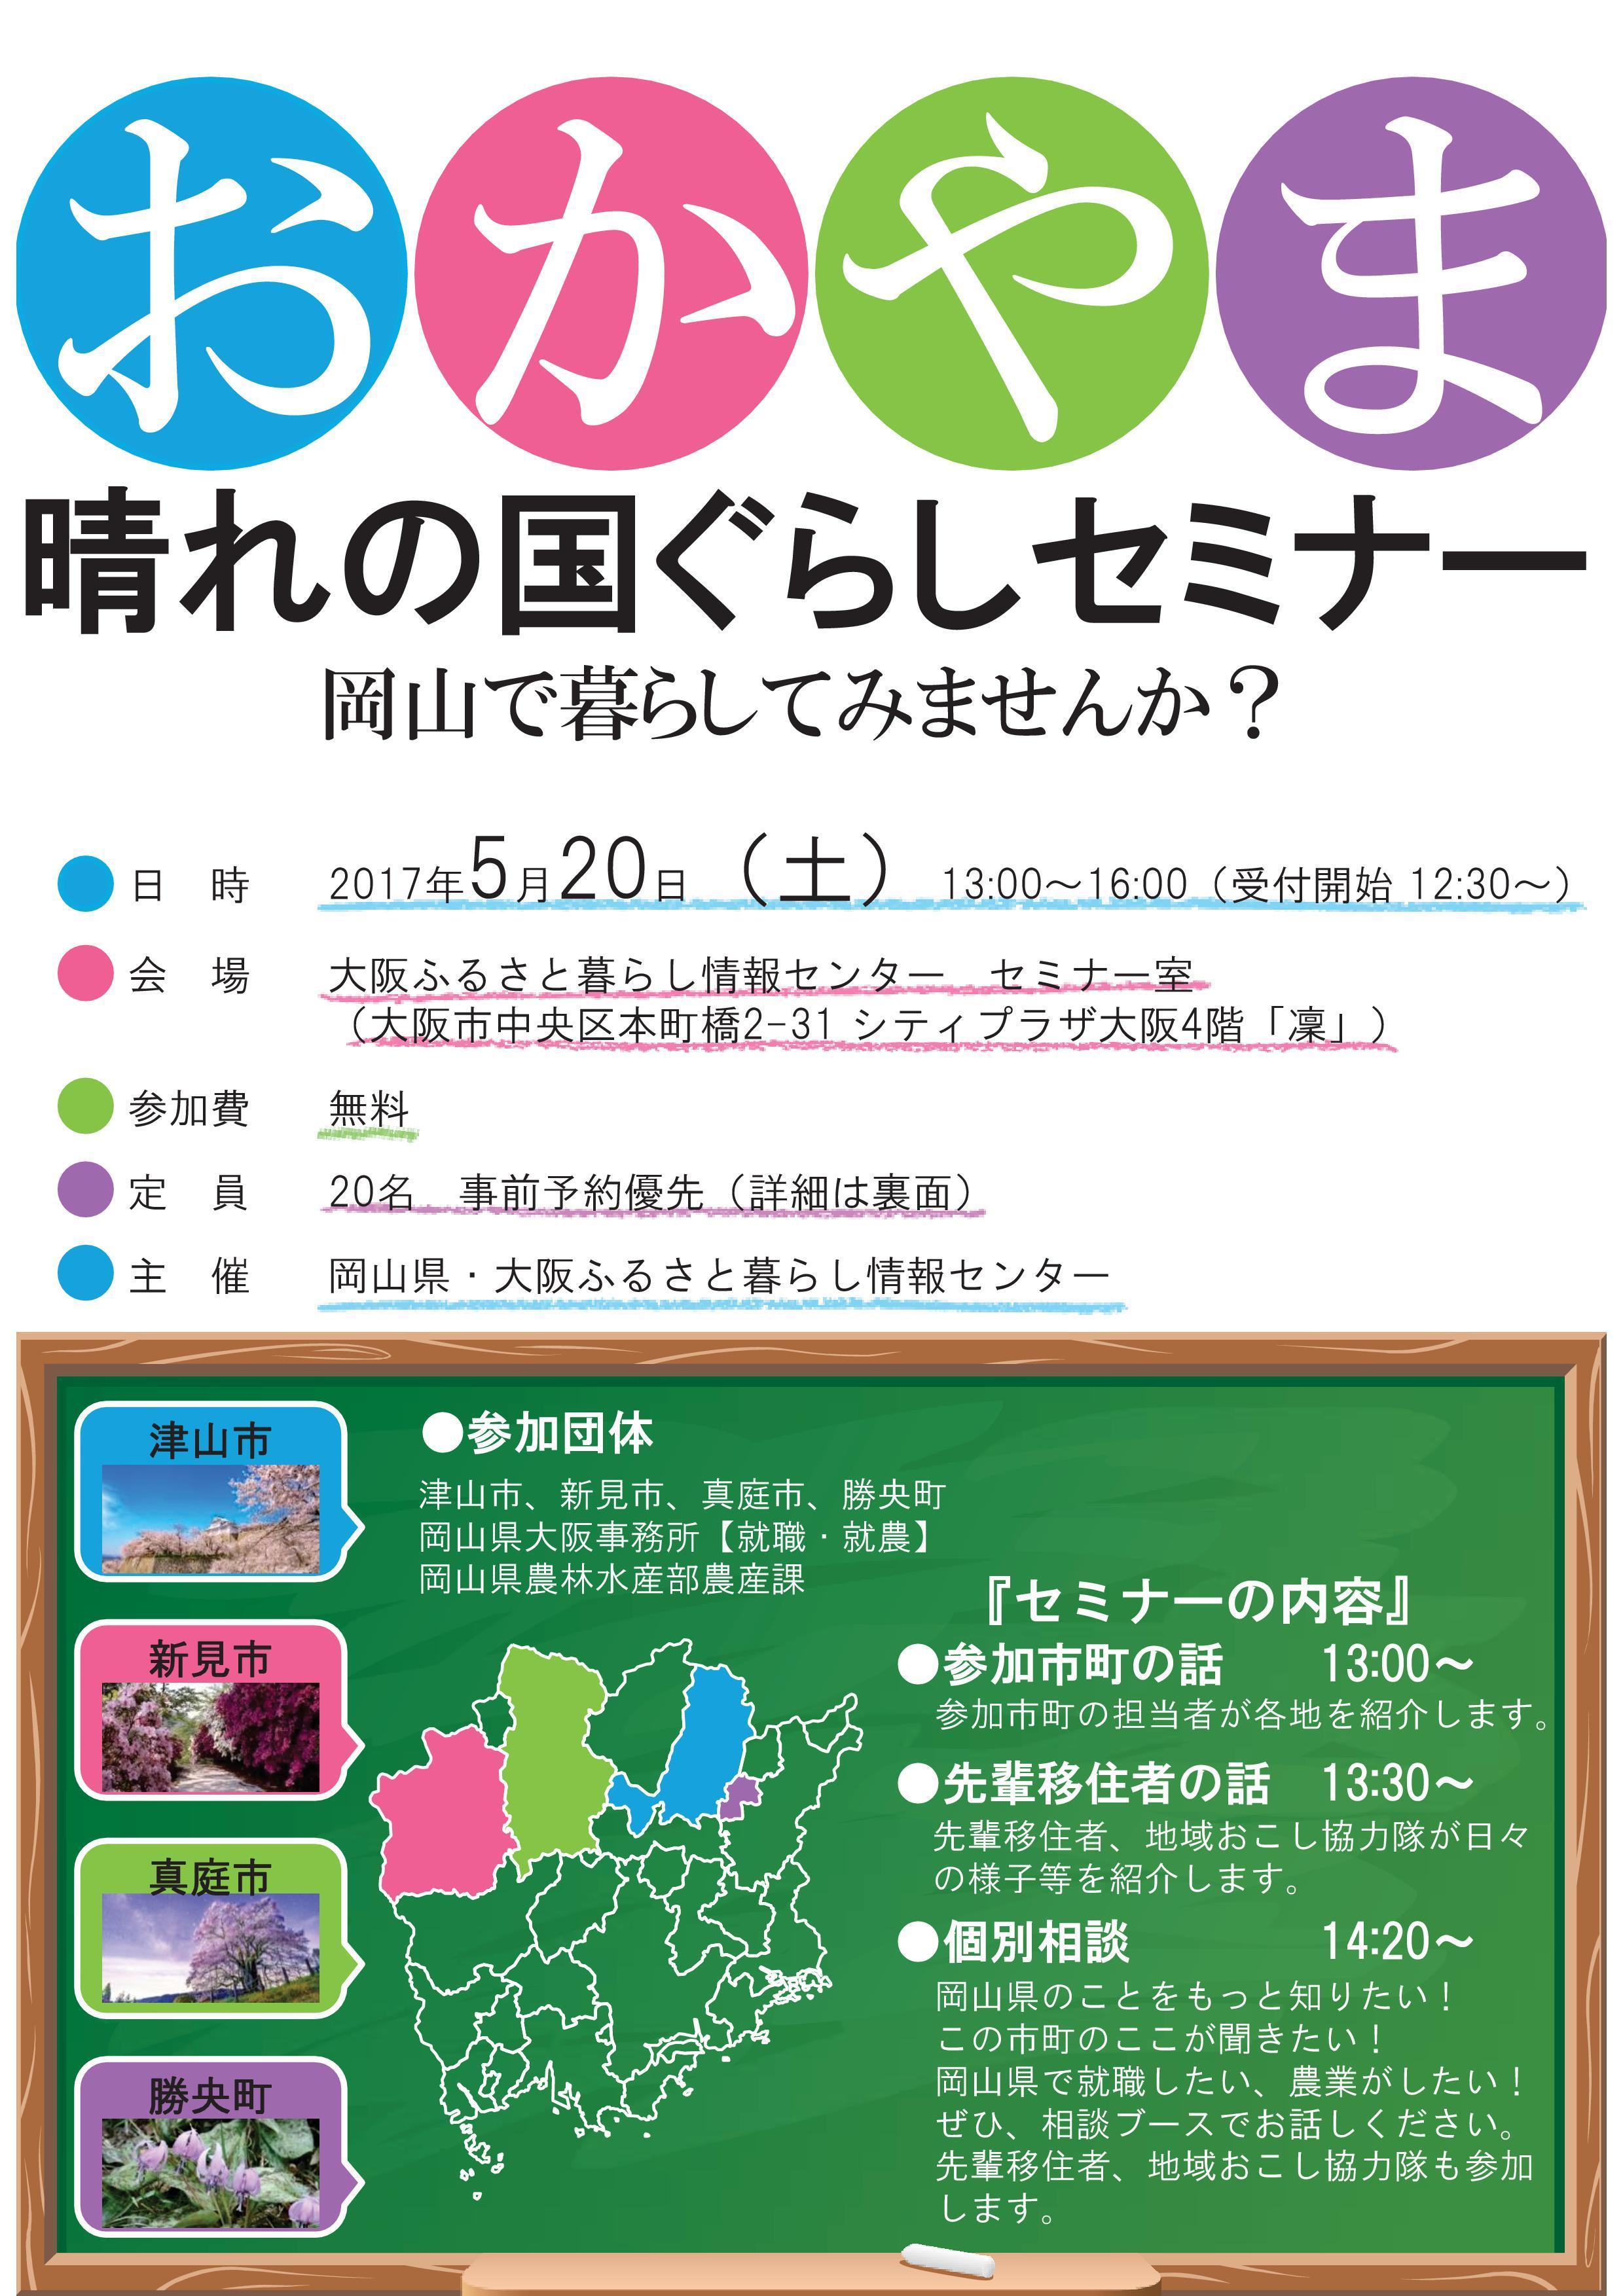 2017年5月20日(土)おかやま晴れの国ぐらしセミナーに津山市も参加します。